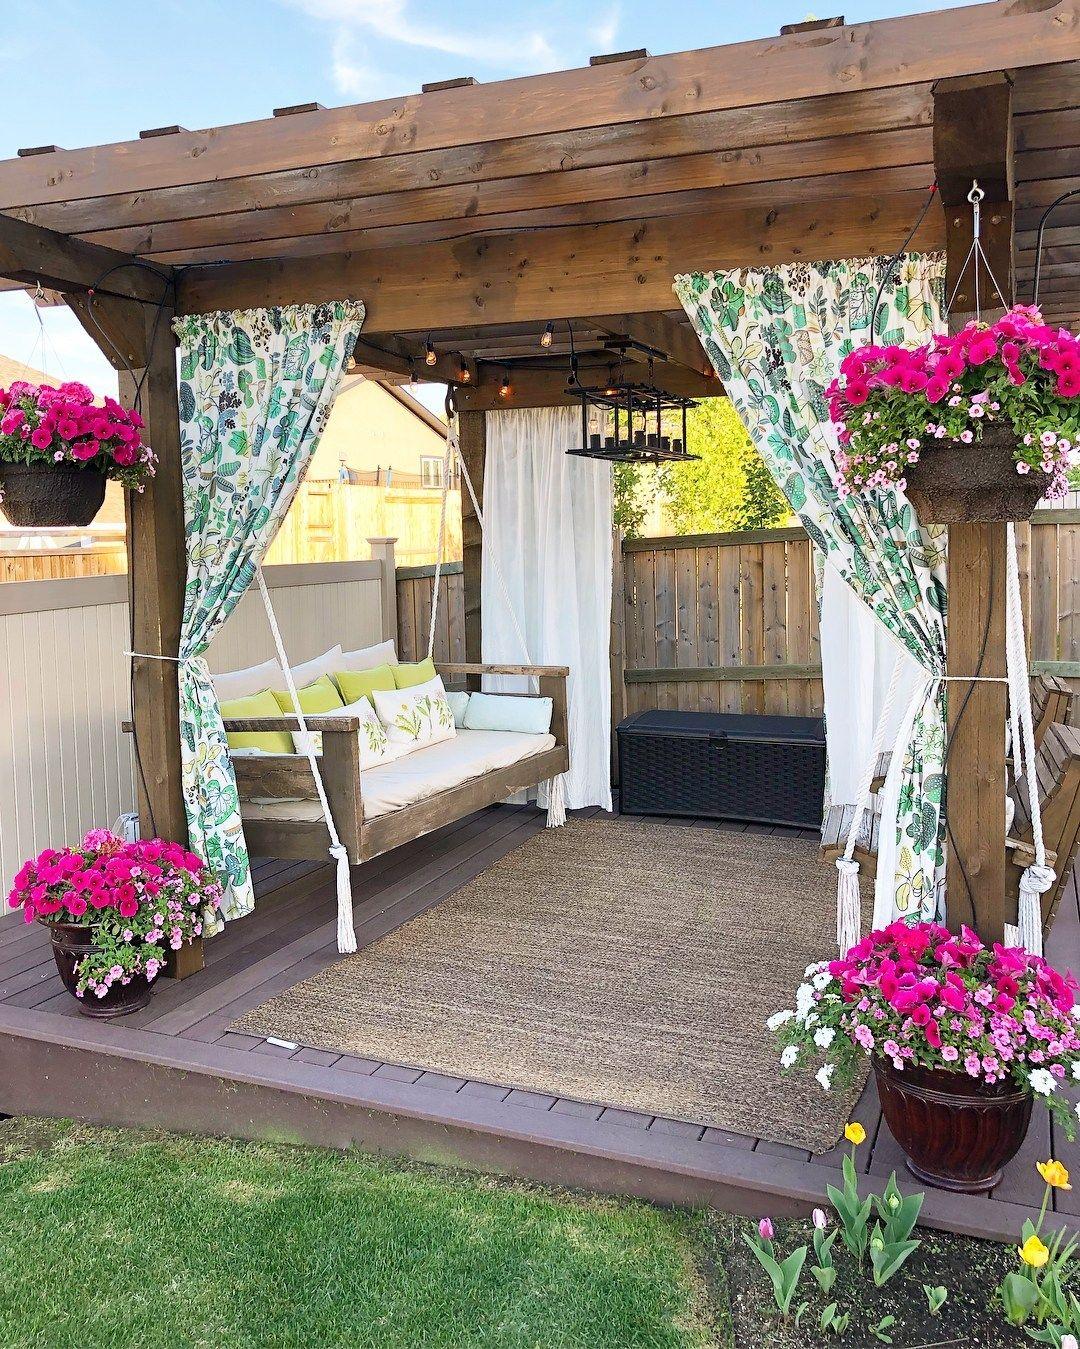 24 Cheap Backyard Makeover Ideas You'll Love | Backyard ... on Diy Backyard Patio Cheap  id=52942